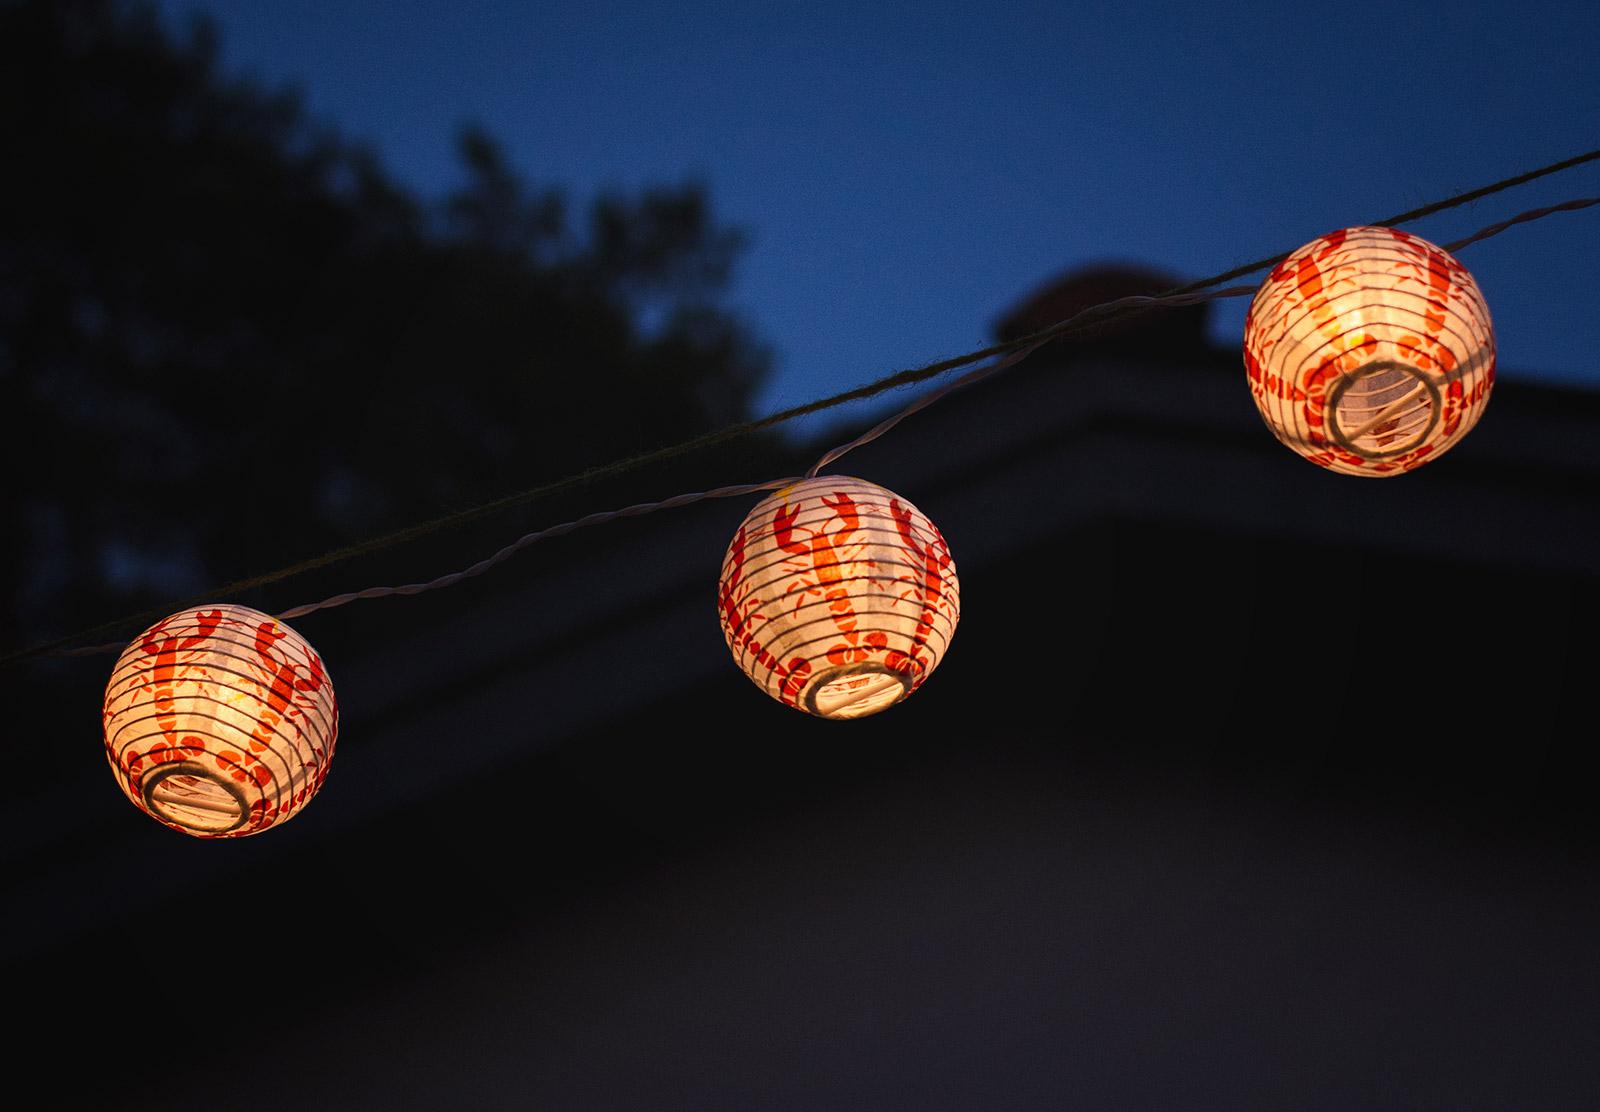 Lit crayfish lanterns